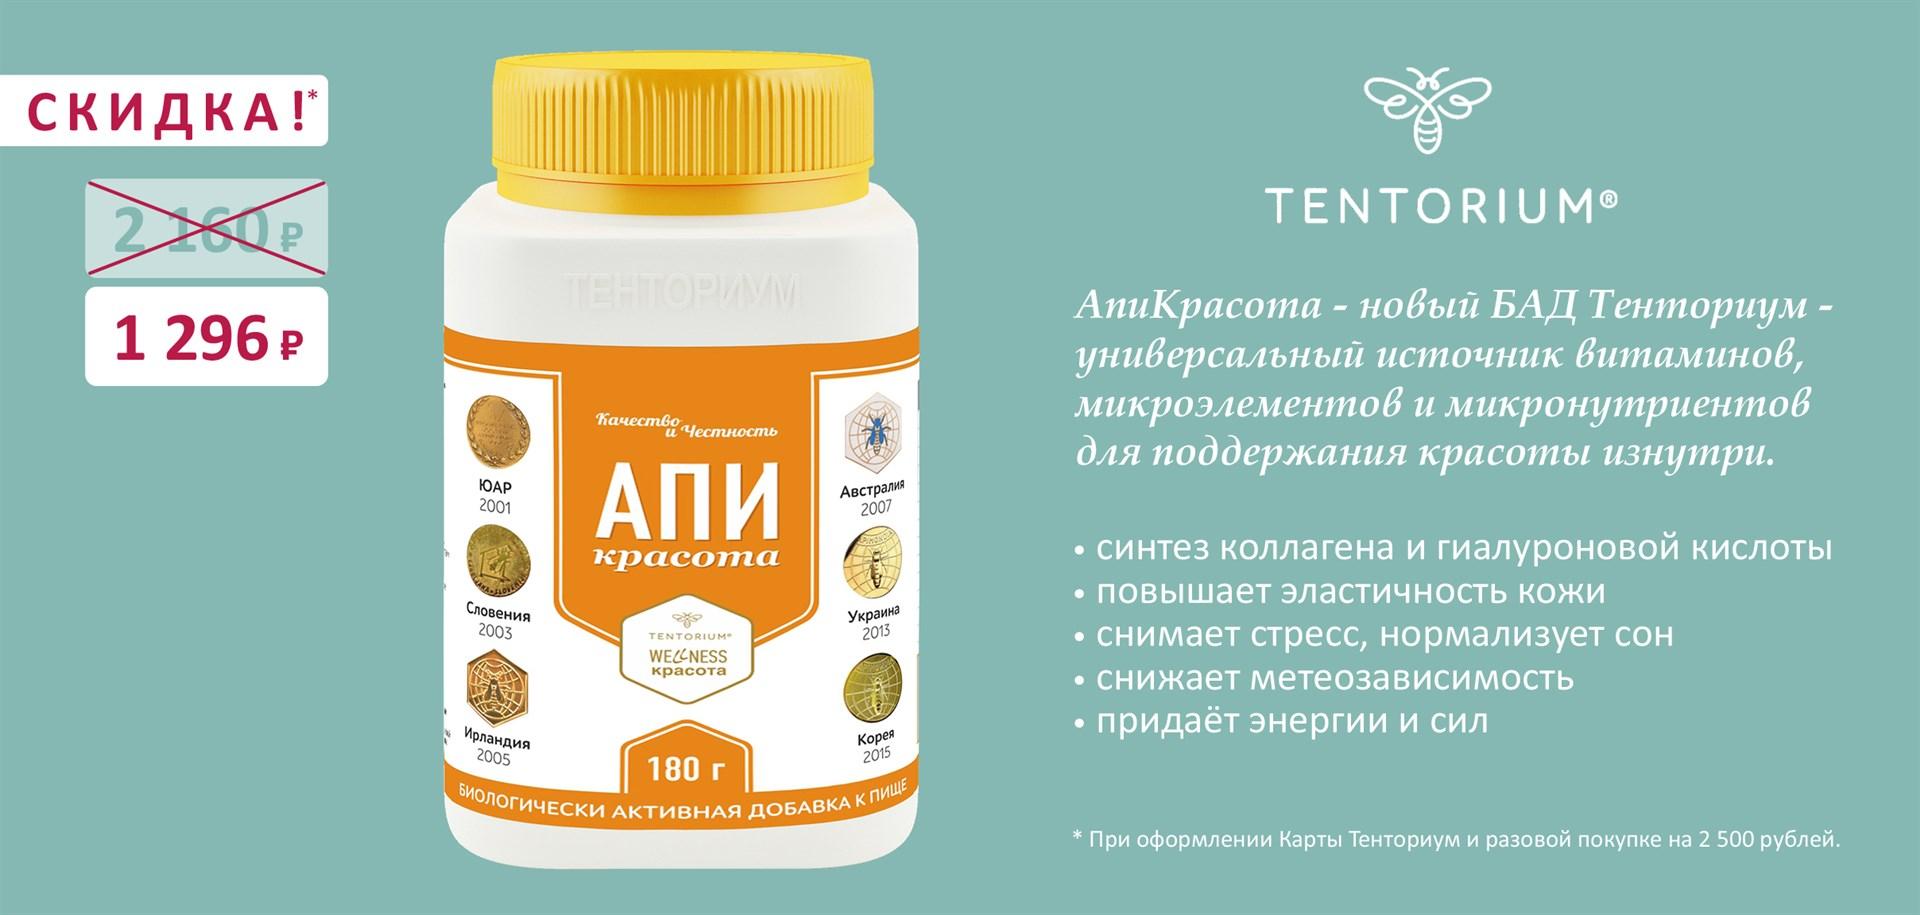 АпиКрасота ТЕНТОРИУМ купить со скидкой официальный магазин TENTORIUM